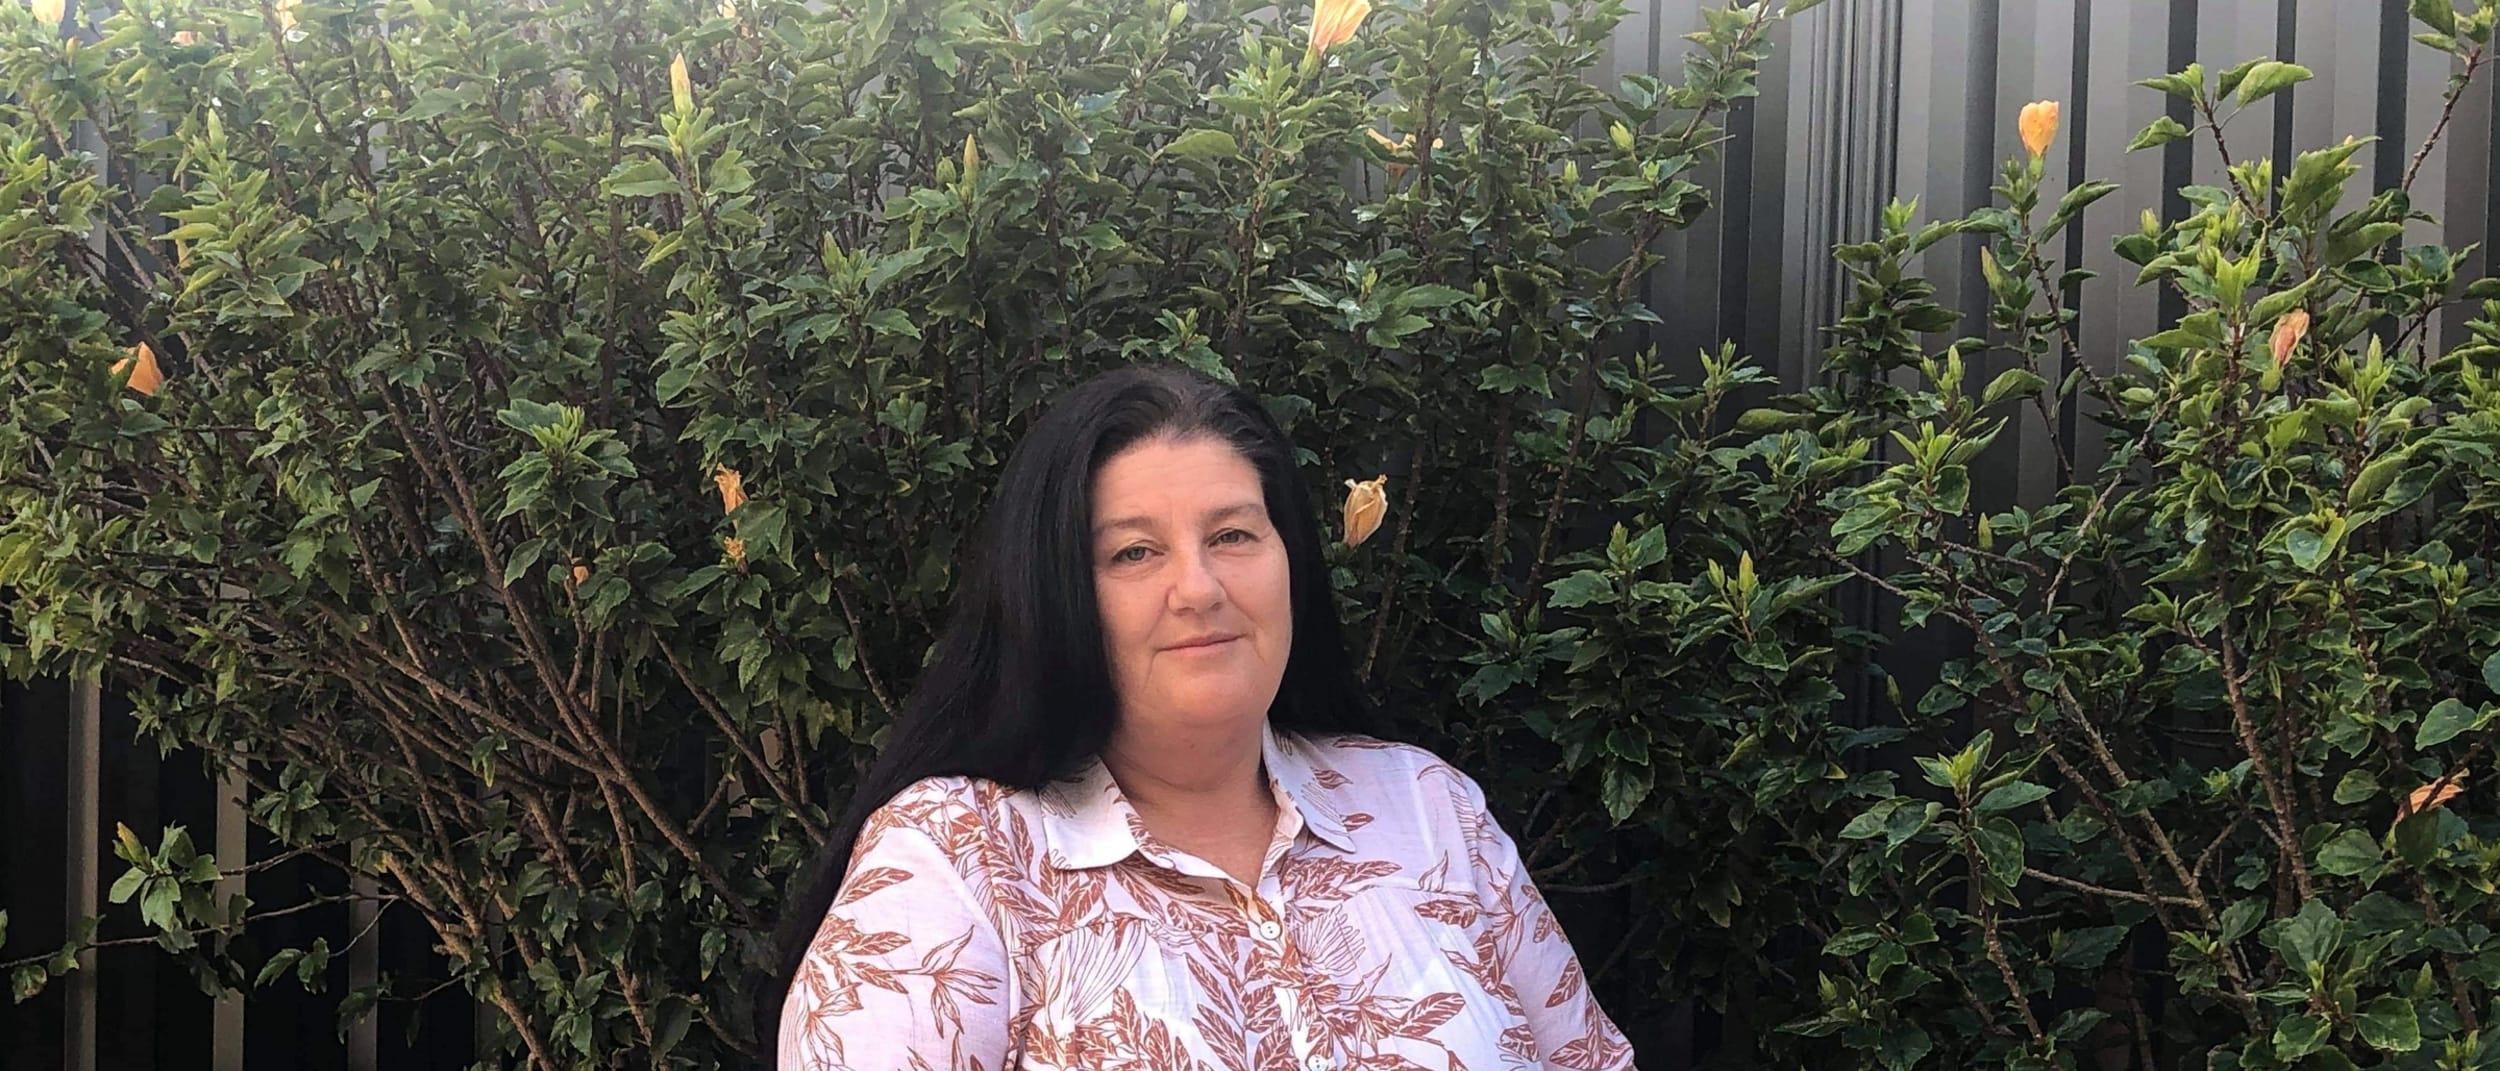 Lorraine Lekias - Westfield Local Heroes 2020